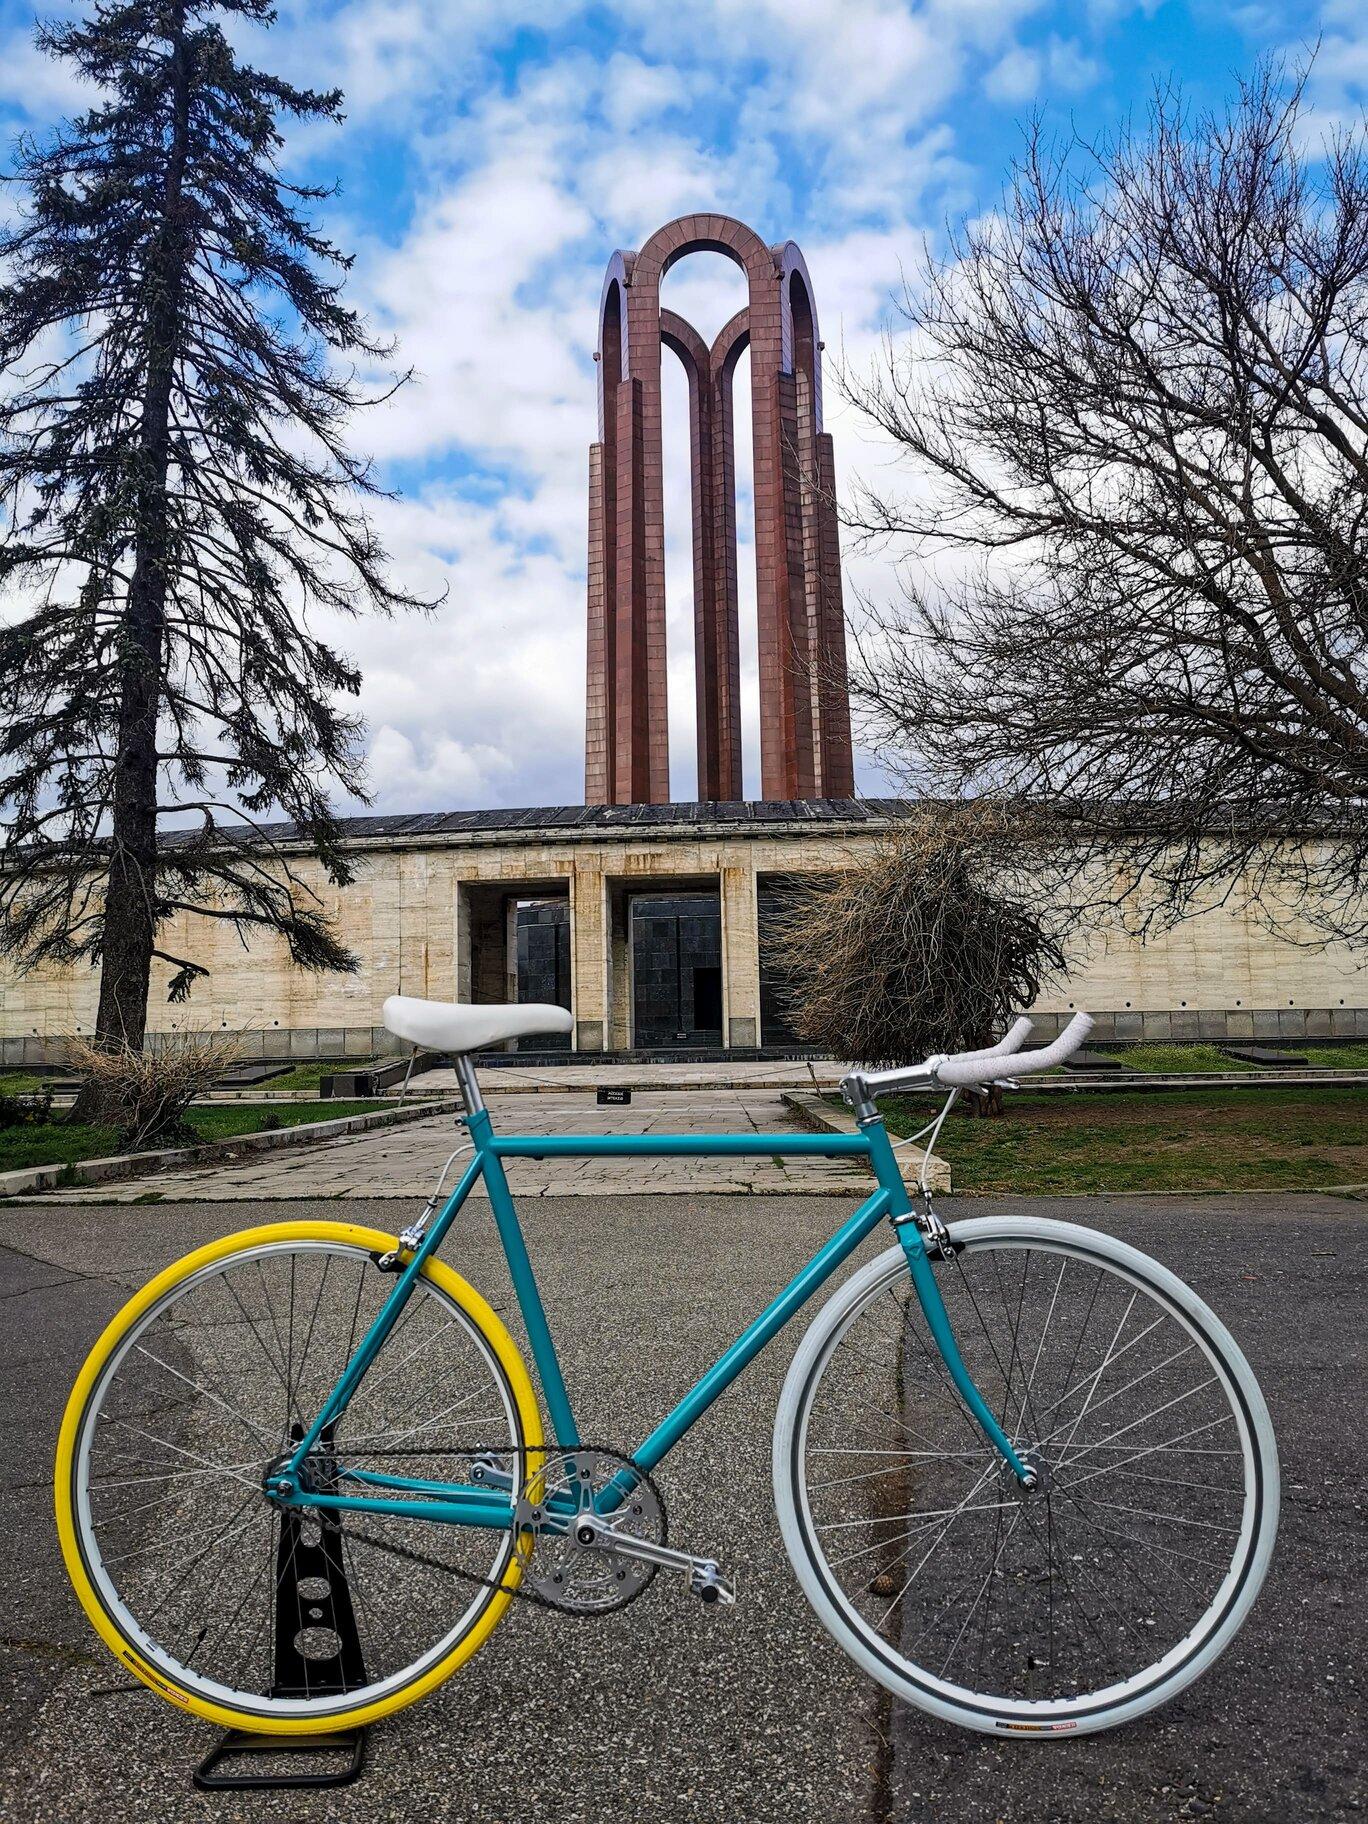 Descopera bicicleta care ti se potriveste